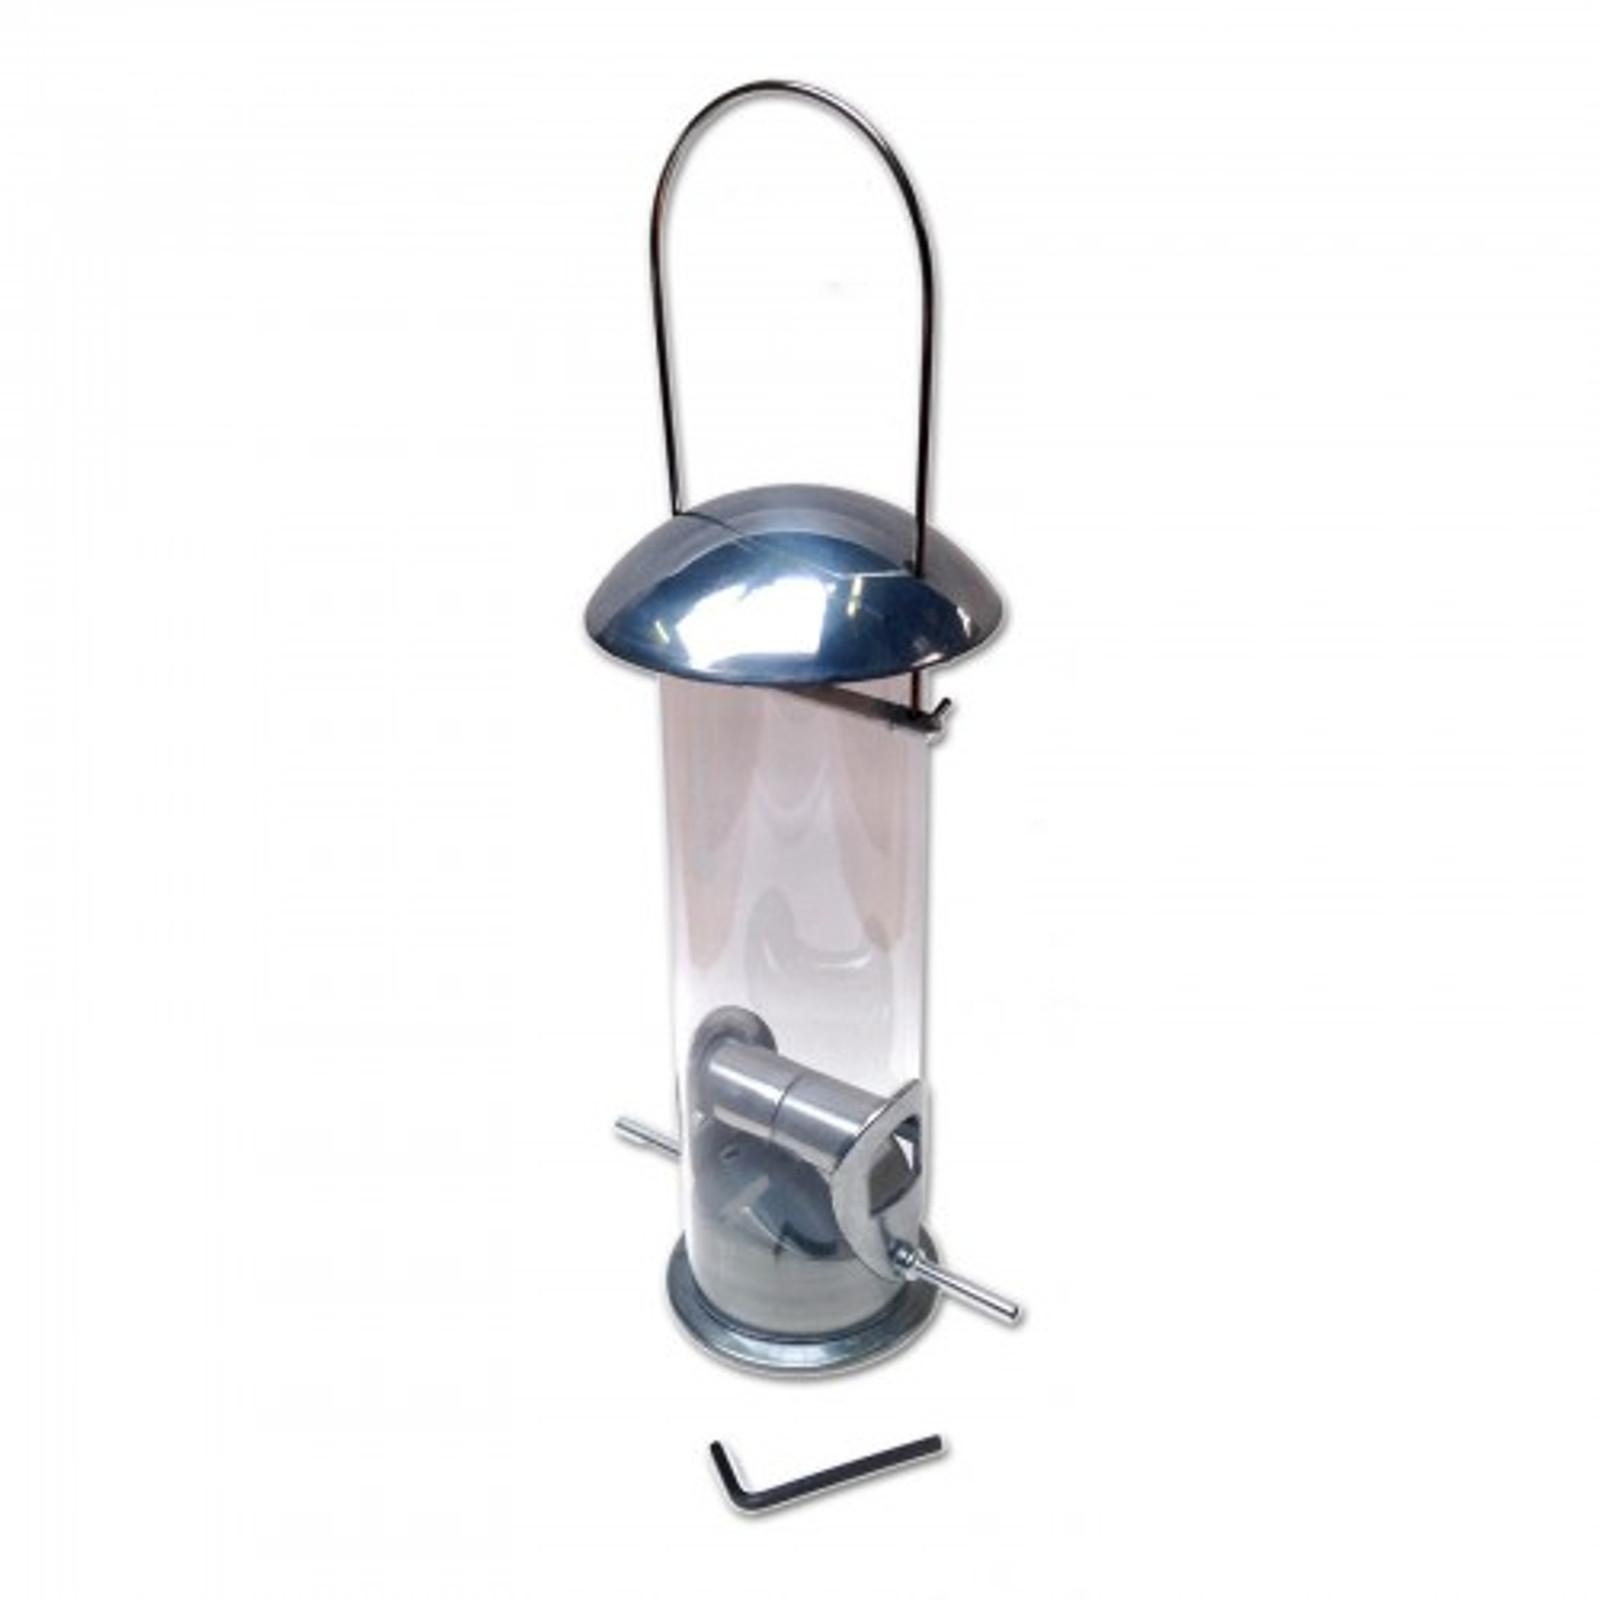 Futterspender für Samen, Futtermischungen, Erdnussbruch, Sonnenblumenkerne aus poliertem Aluminiumguss – Bild 1